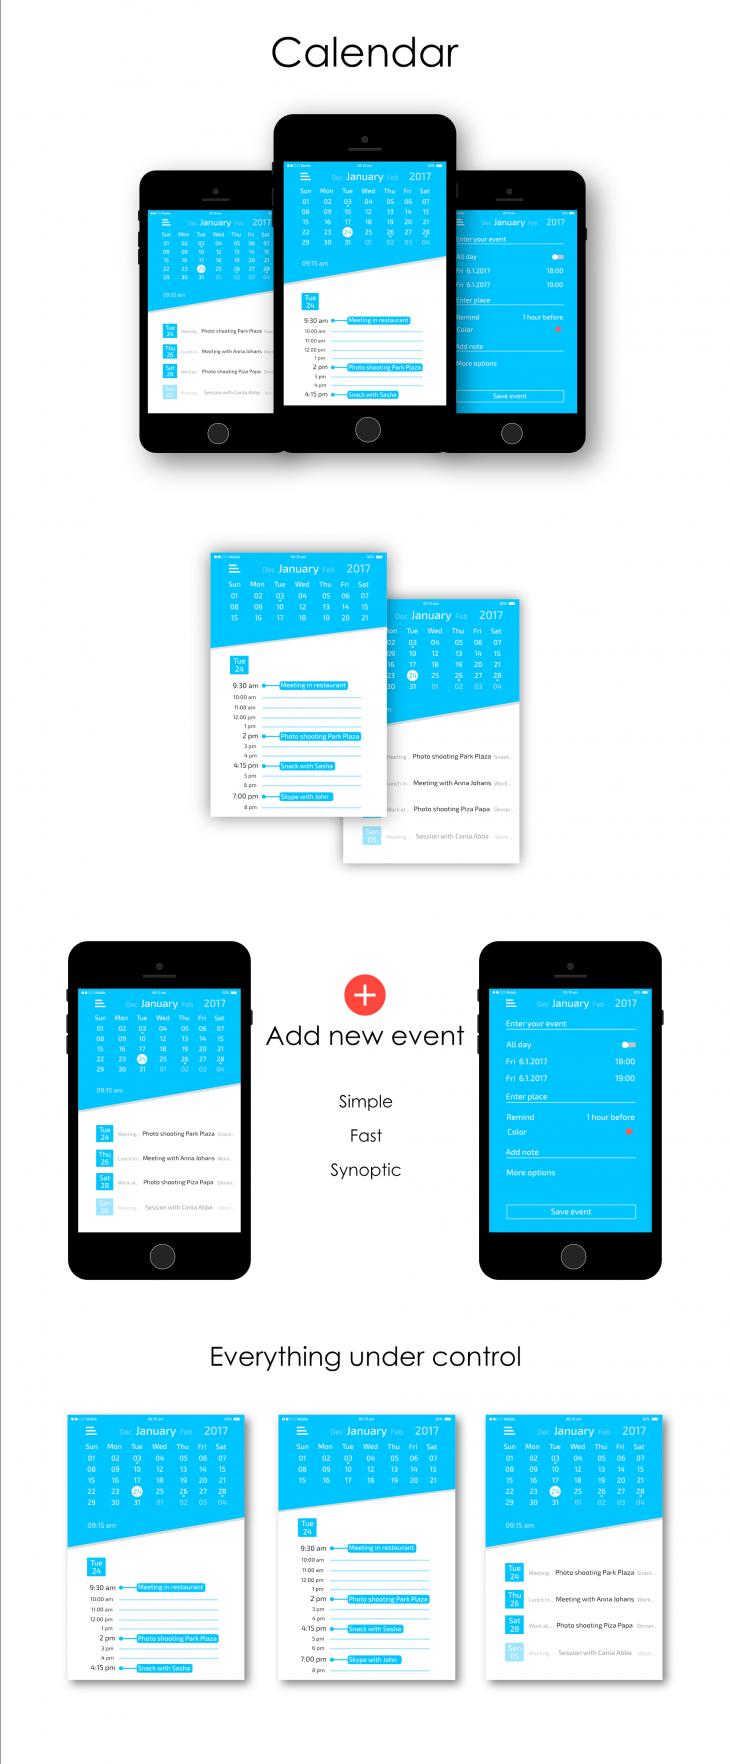 Projekt: Kalendář (aplikace pro mobilní zařízení)